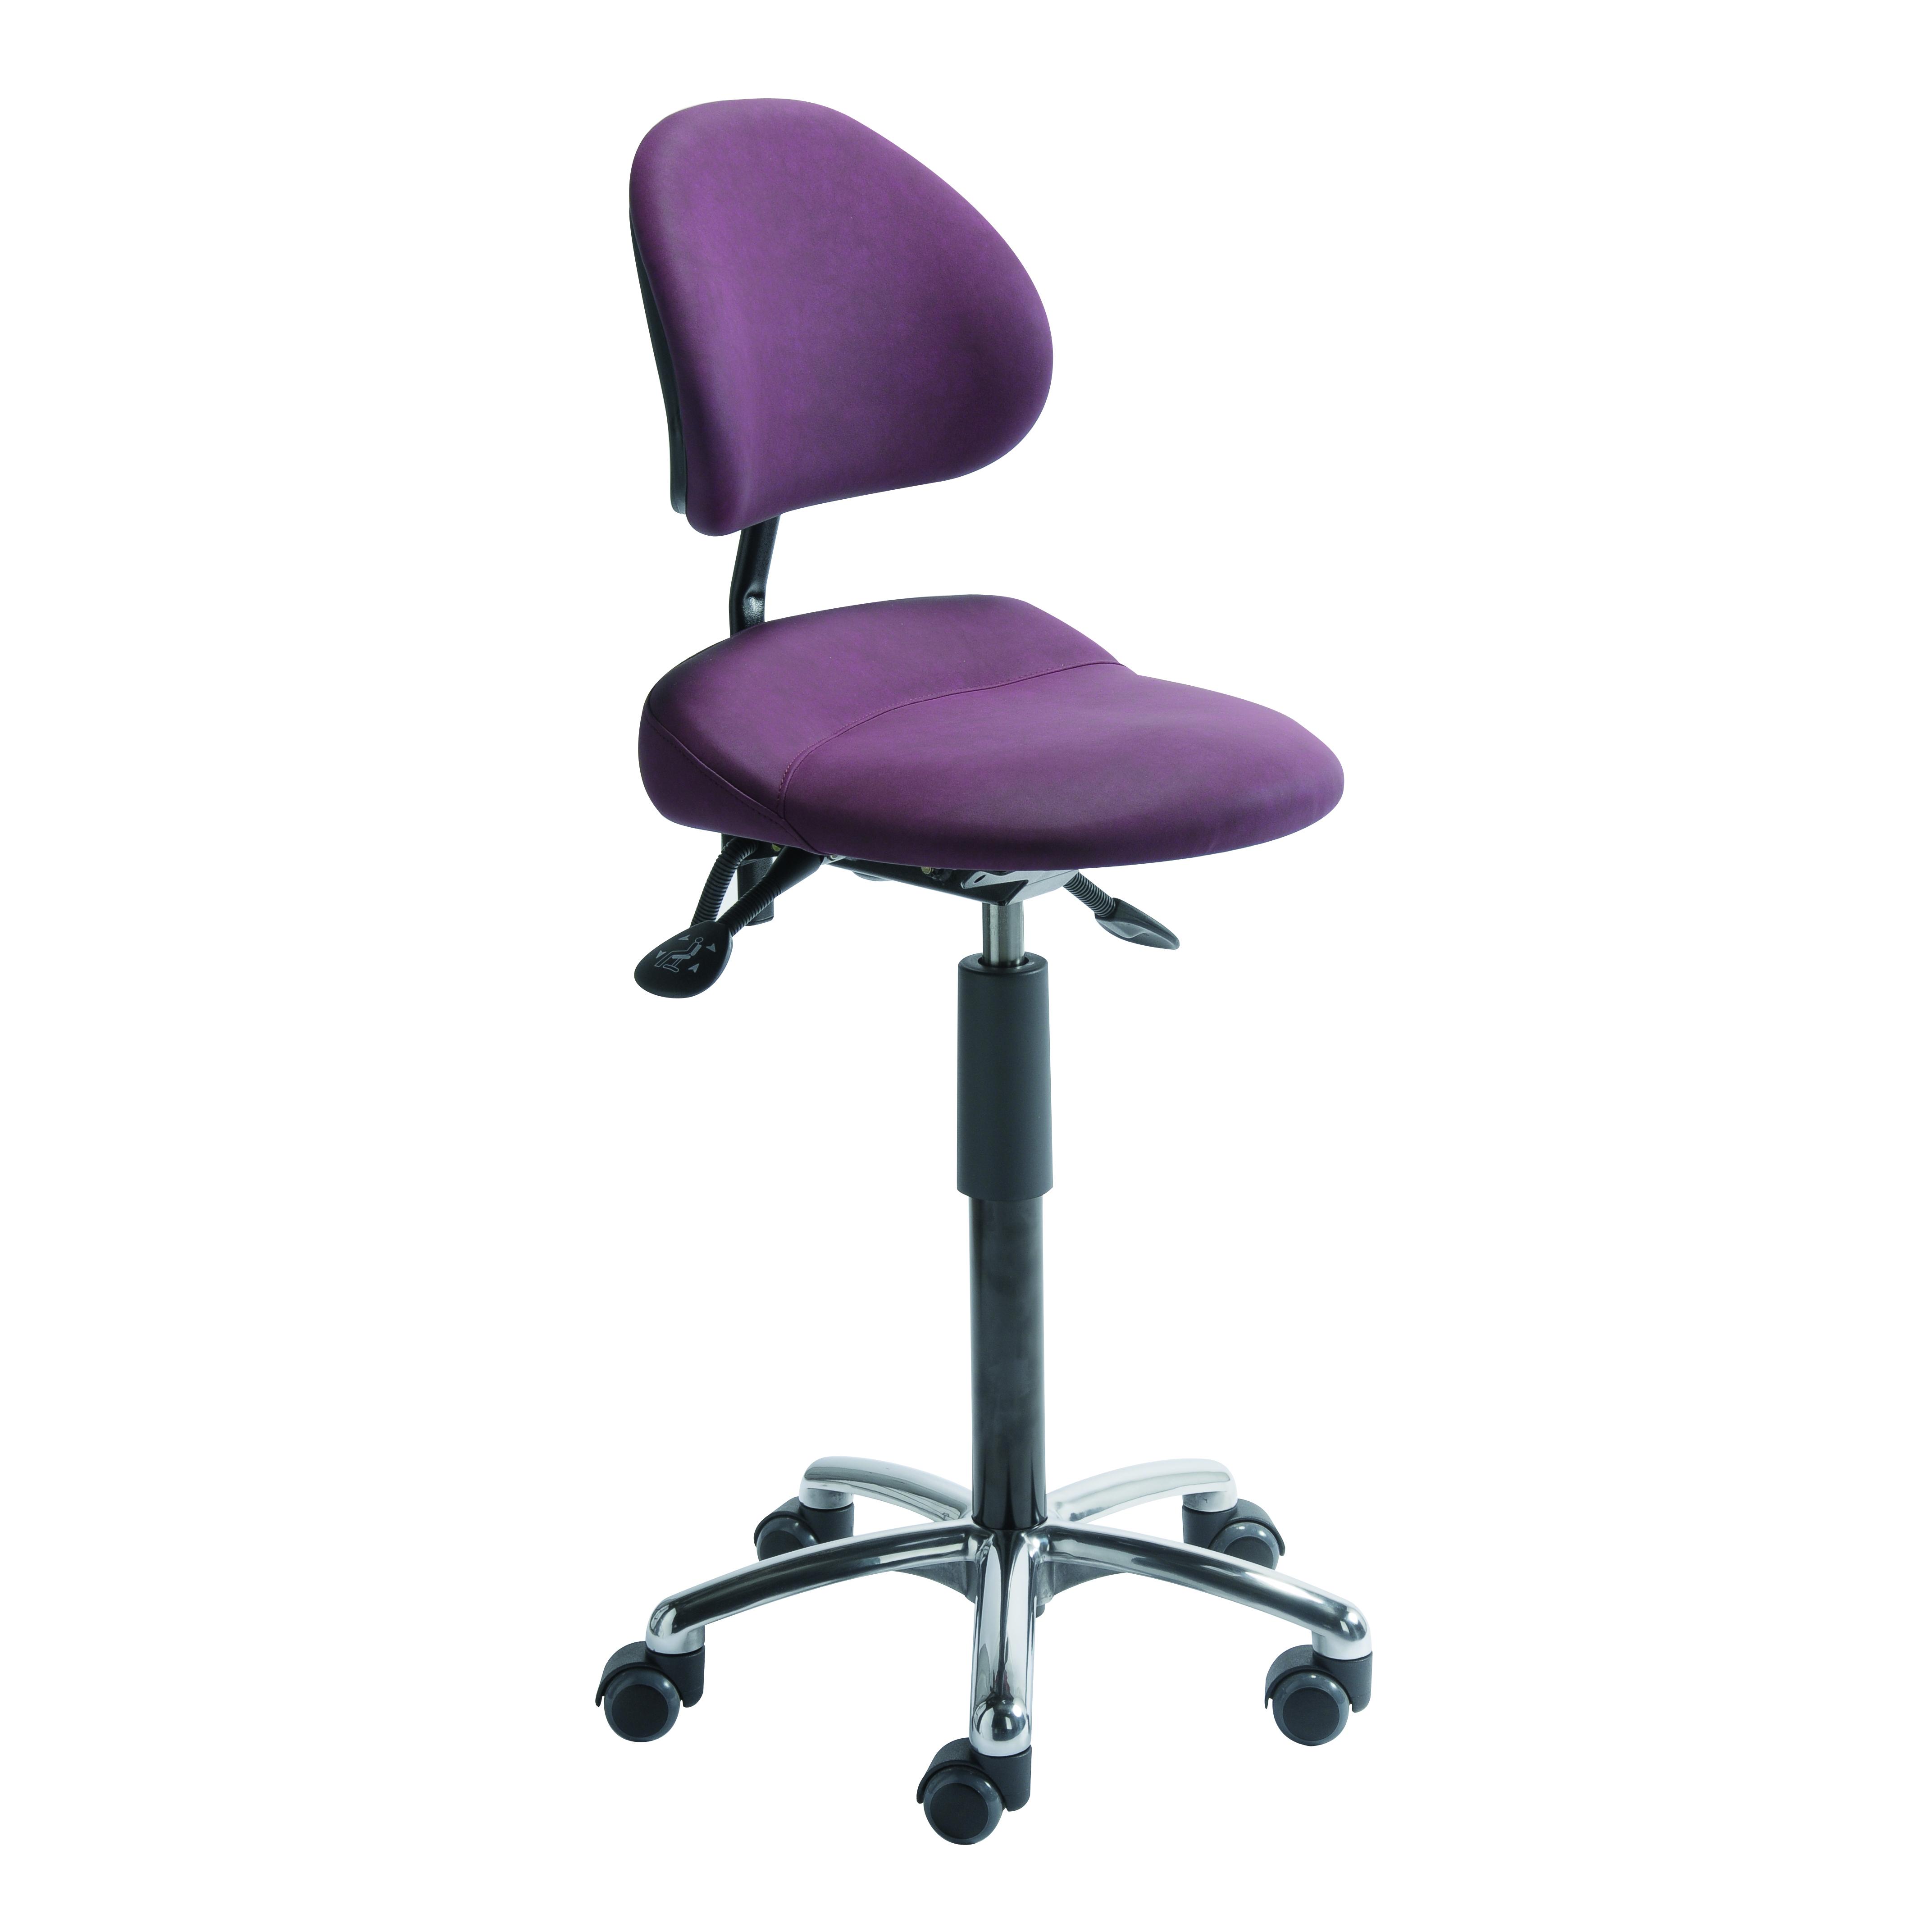 Siège assis et assis-debout ergonomique AURE de siegepro sur roulettes avec maintien sacro-lombaire